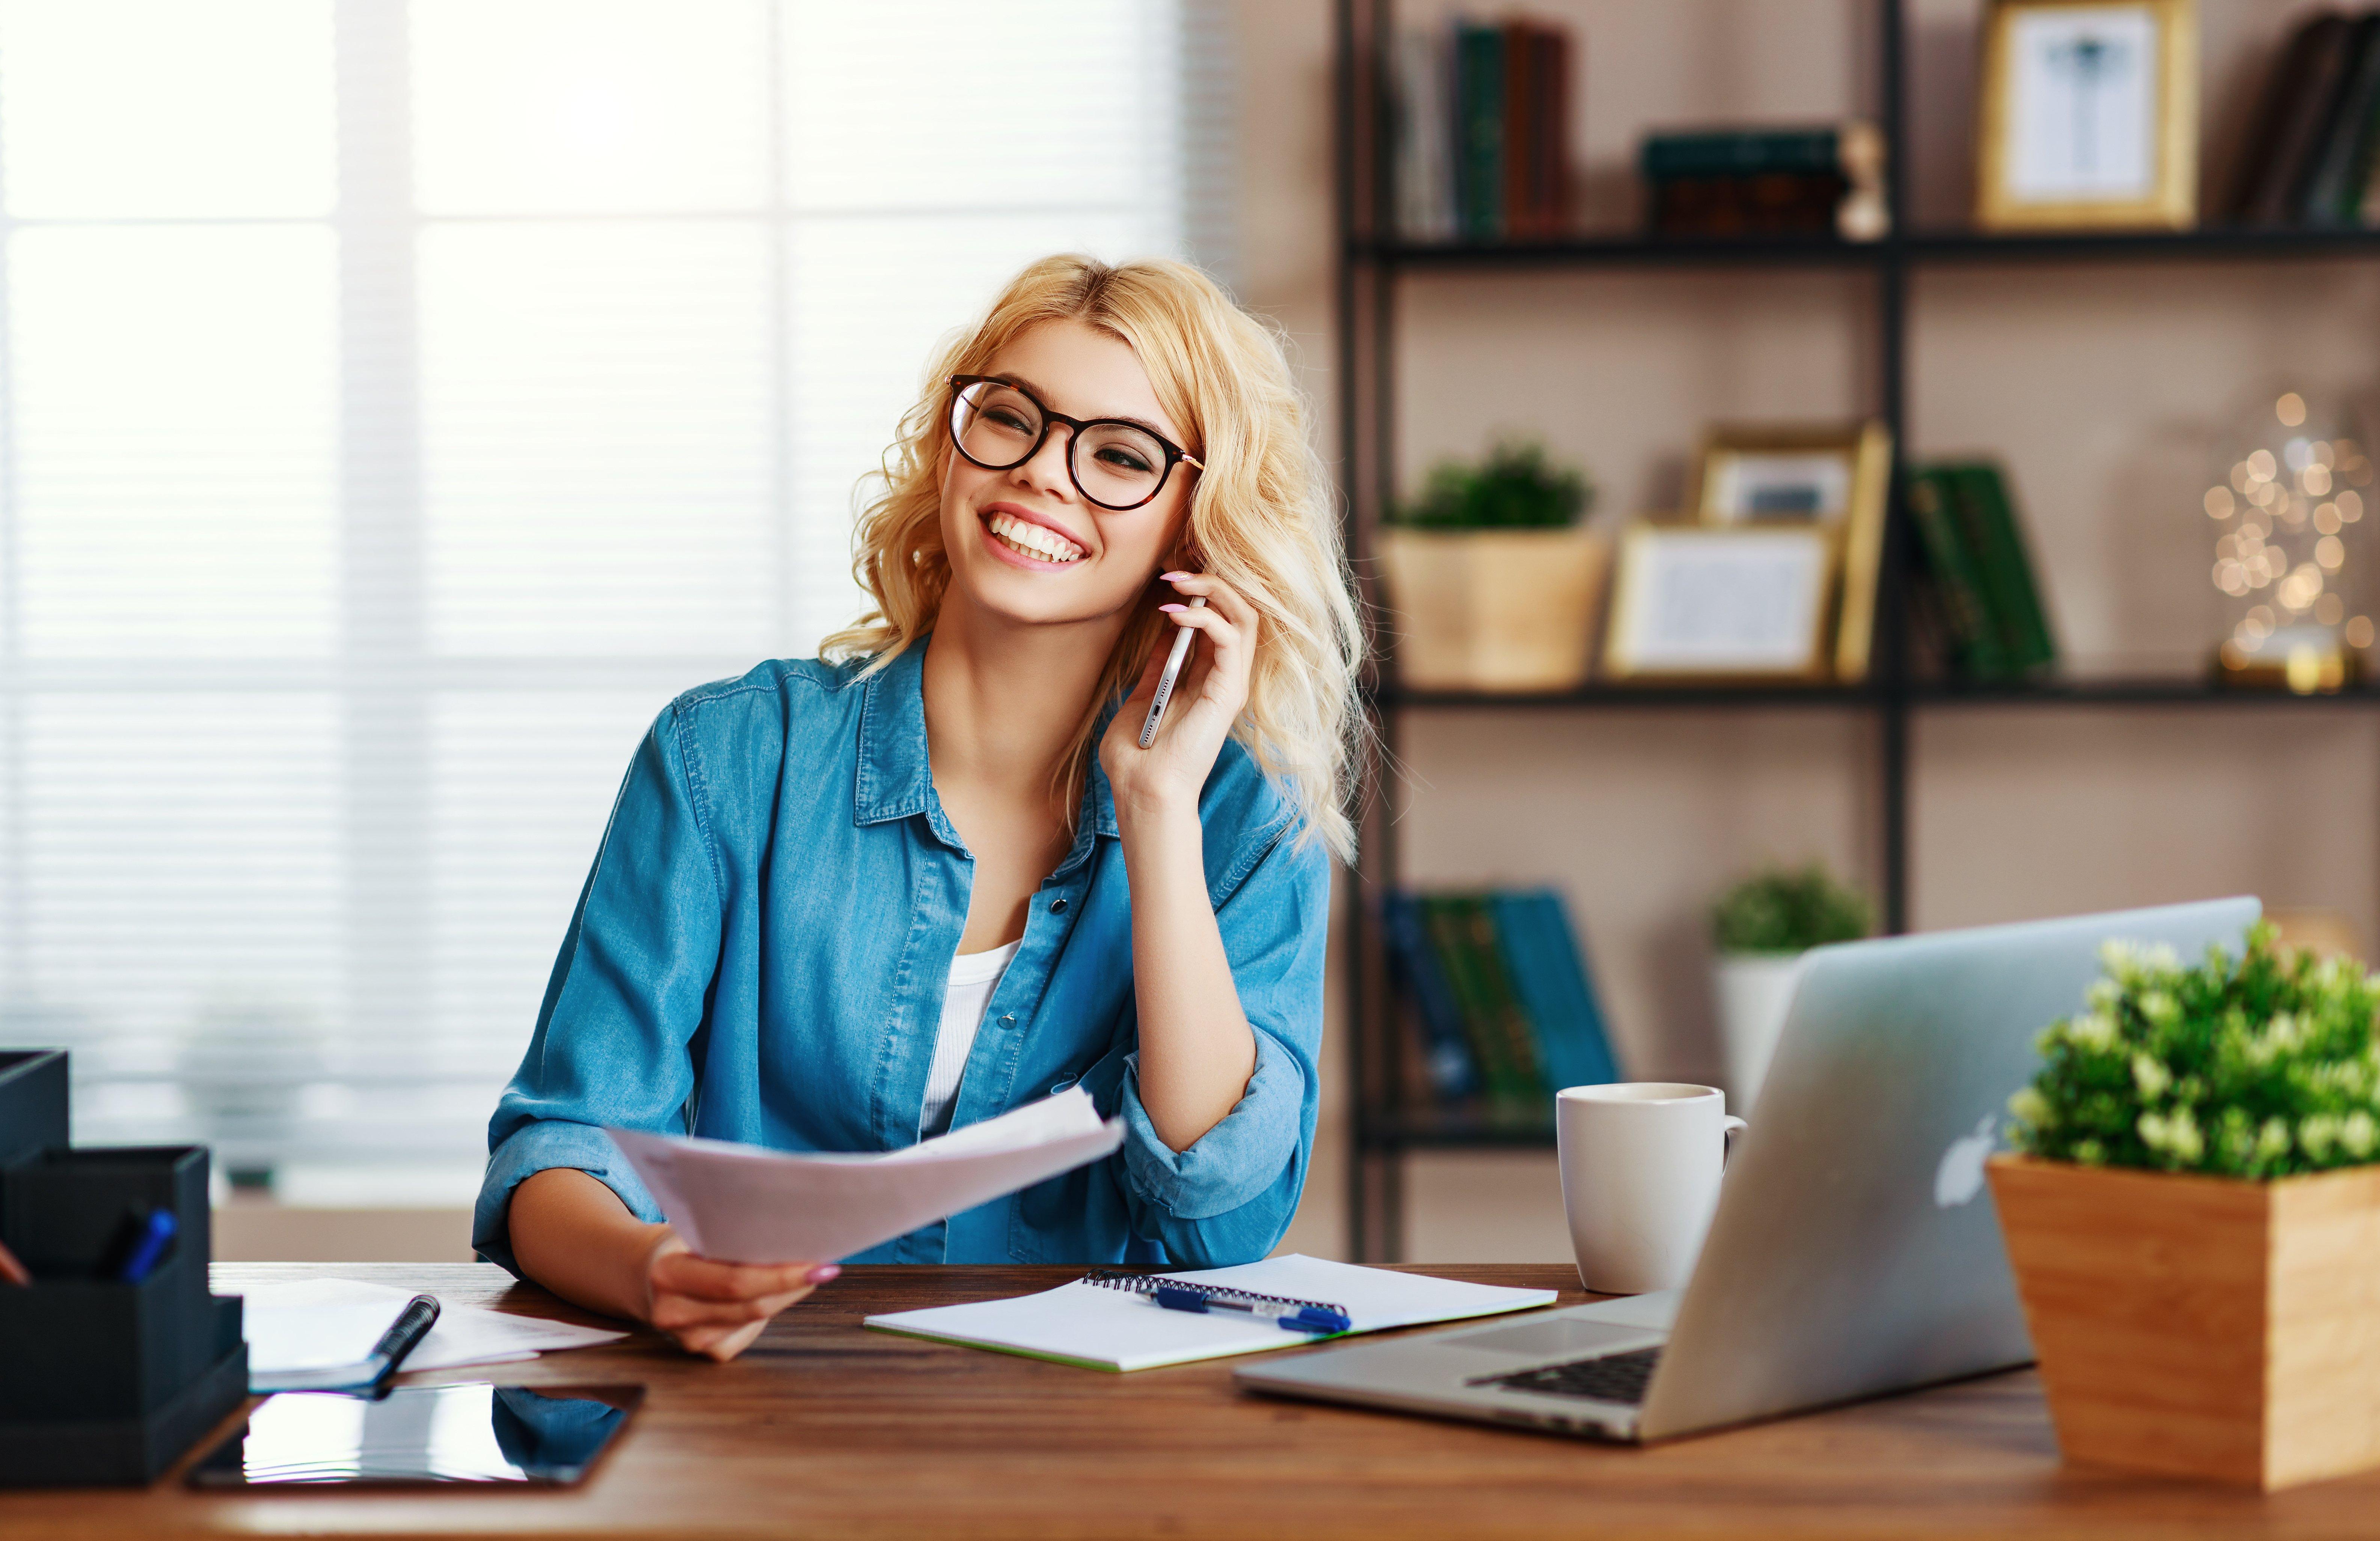 Eine junge Frau arbeitet im Home Office und ist fröhlich